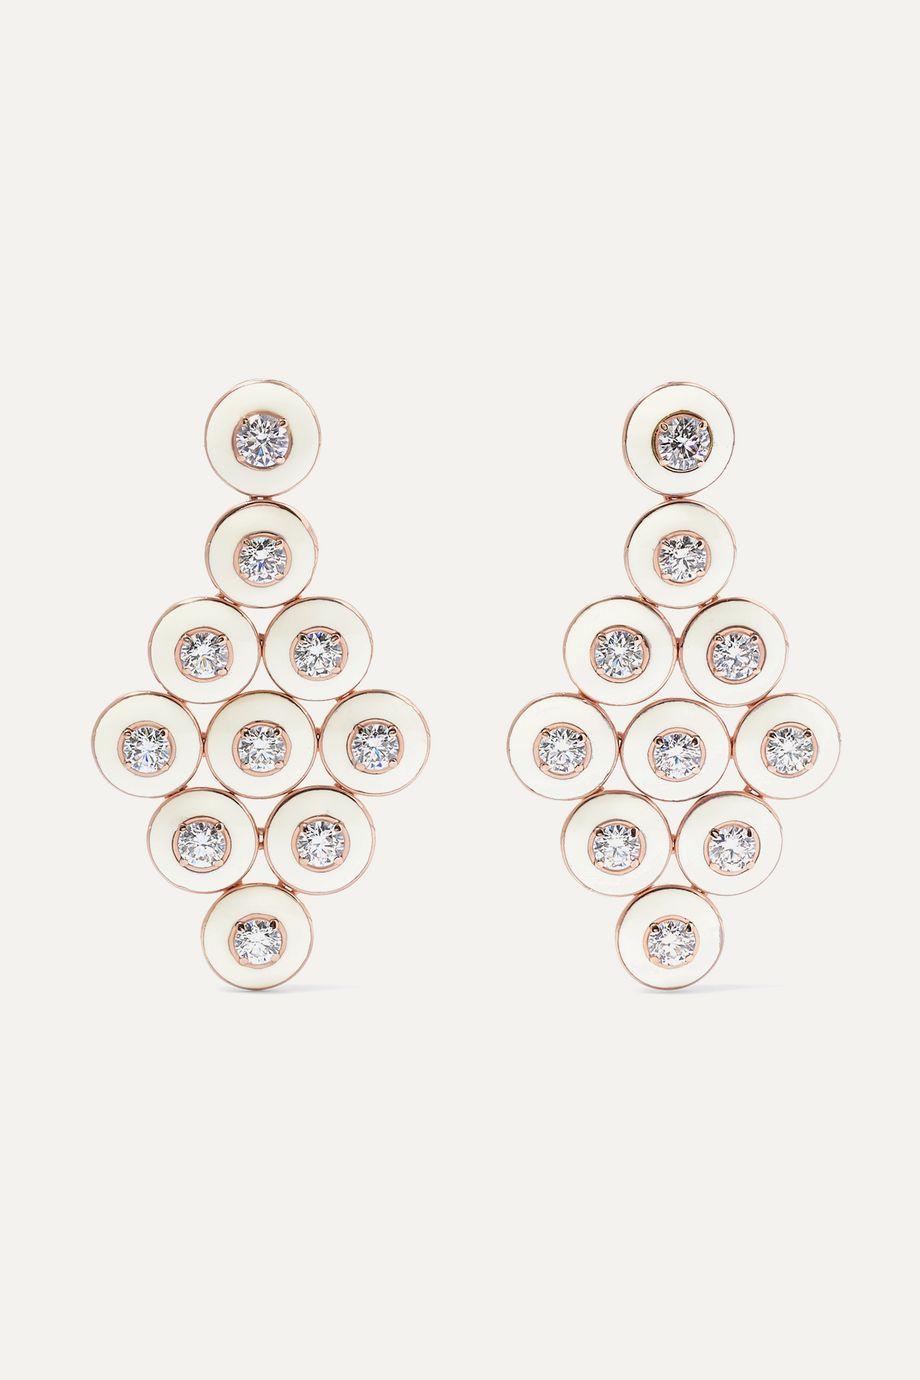 Selim Mouzannar Ohrringe aus 18 Karat Roségold mit Emaille und Diamanten